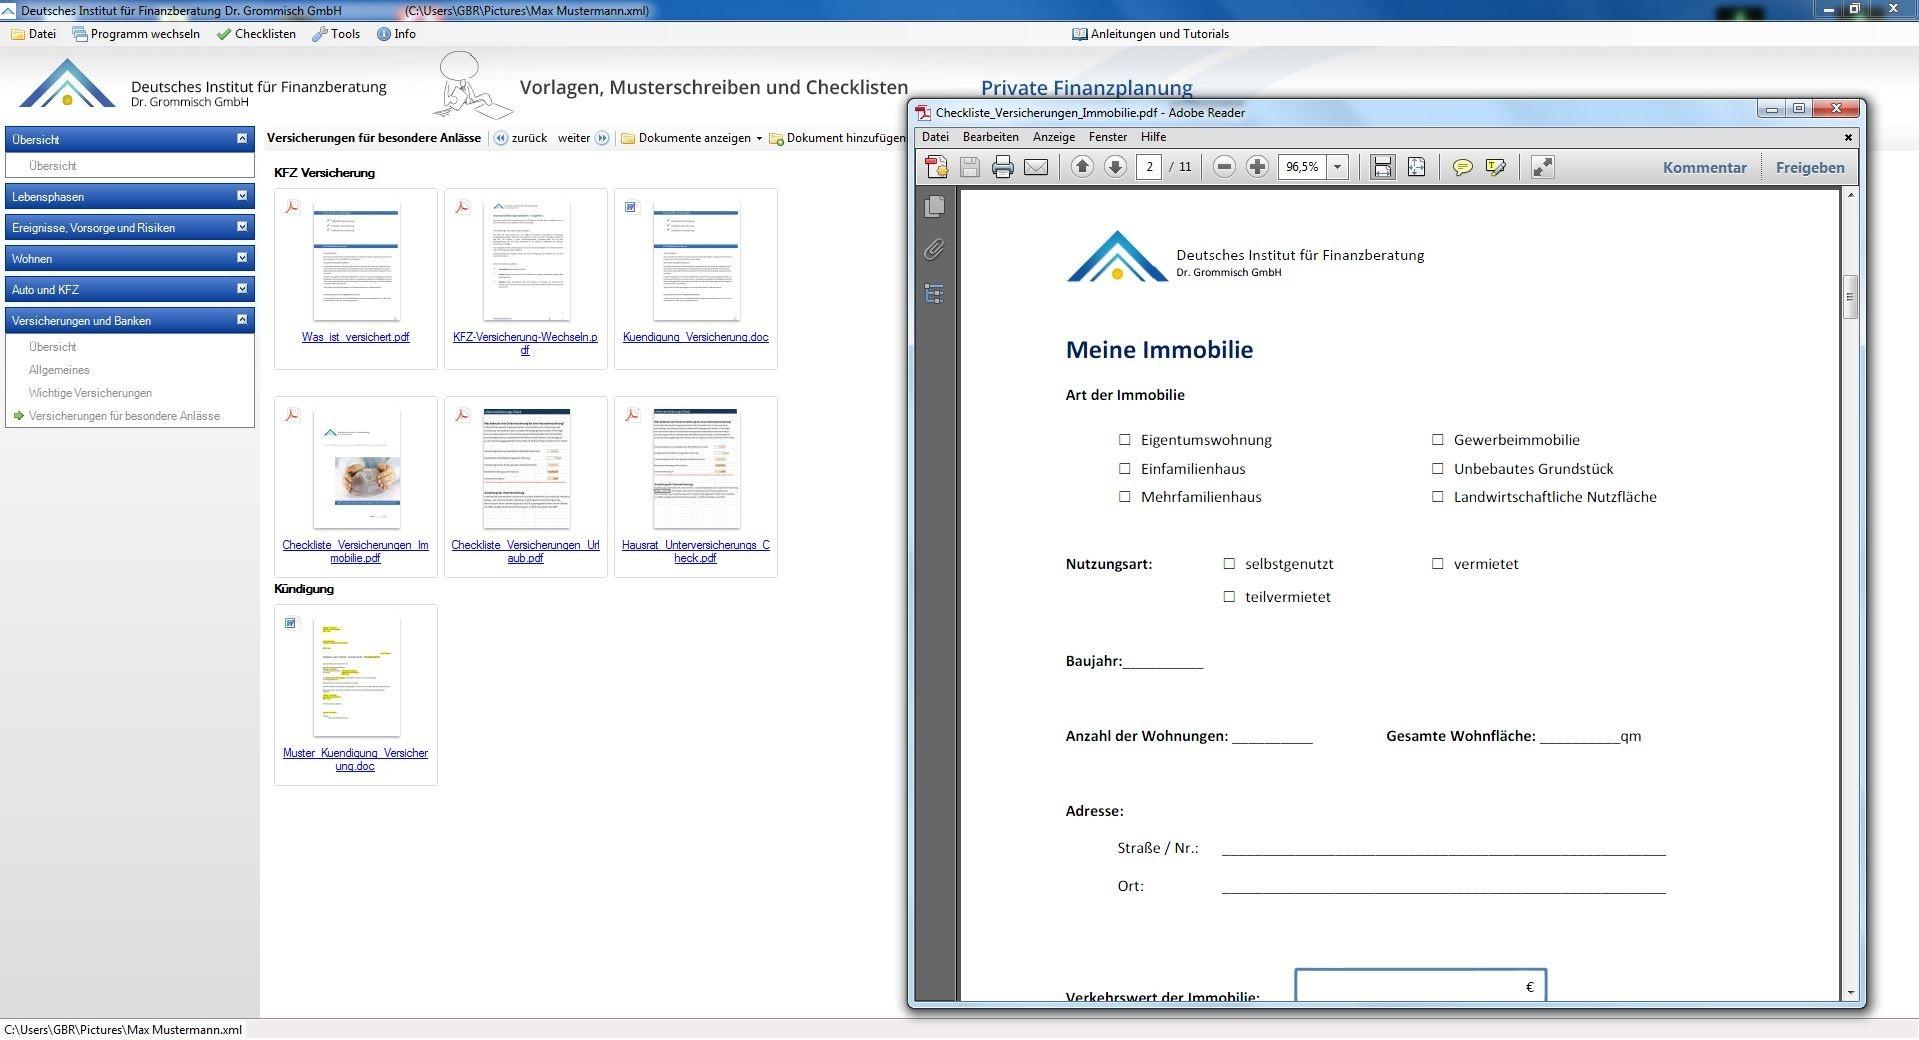 Vorlagen, Musterschreiben und Checklisten 2013/14 | heise Download